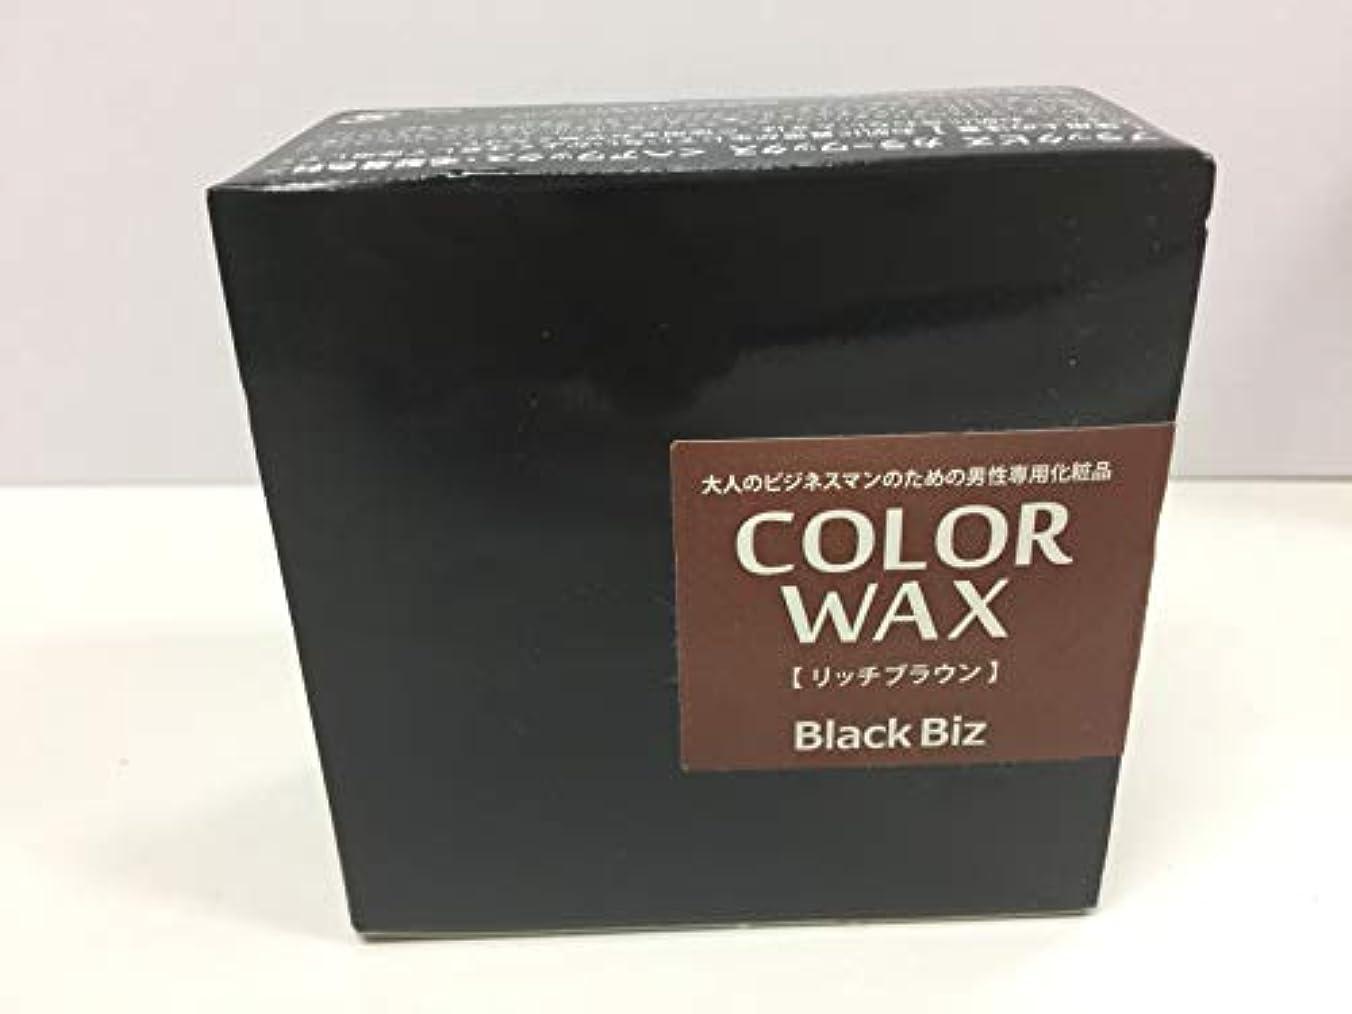 詐欺分析的独裁者大人のビジネスマンのための男性専用化粧品 BlackBiz COLOR WAX ブラックビズ カラーワックス 【リッチブラウン】